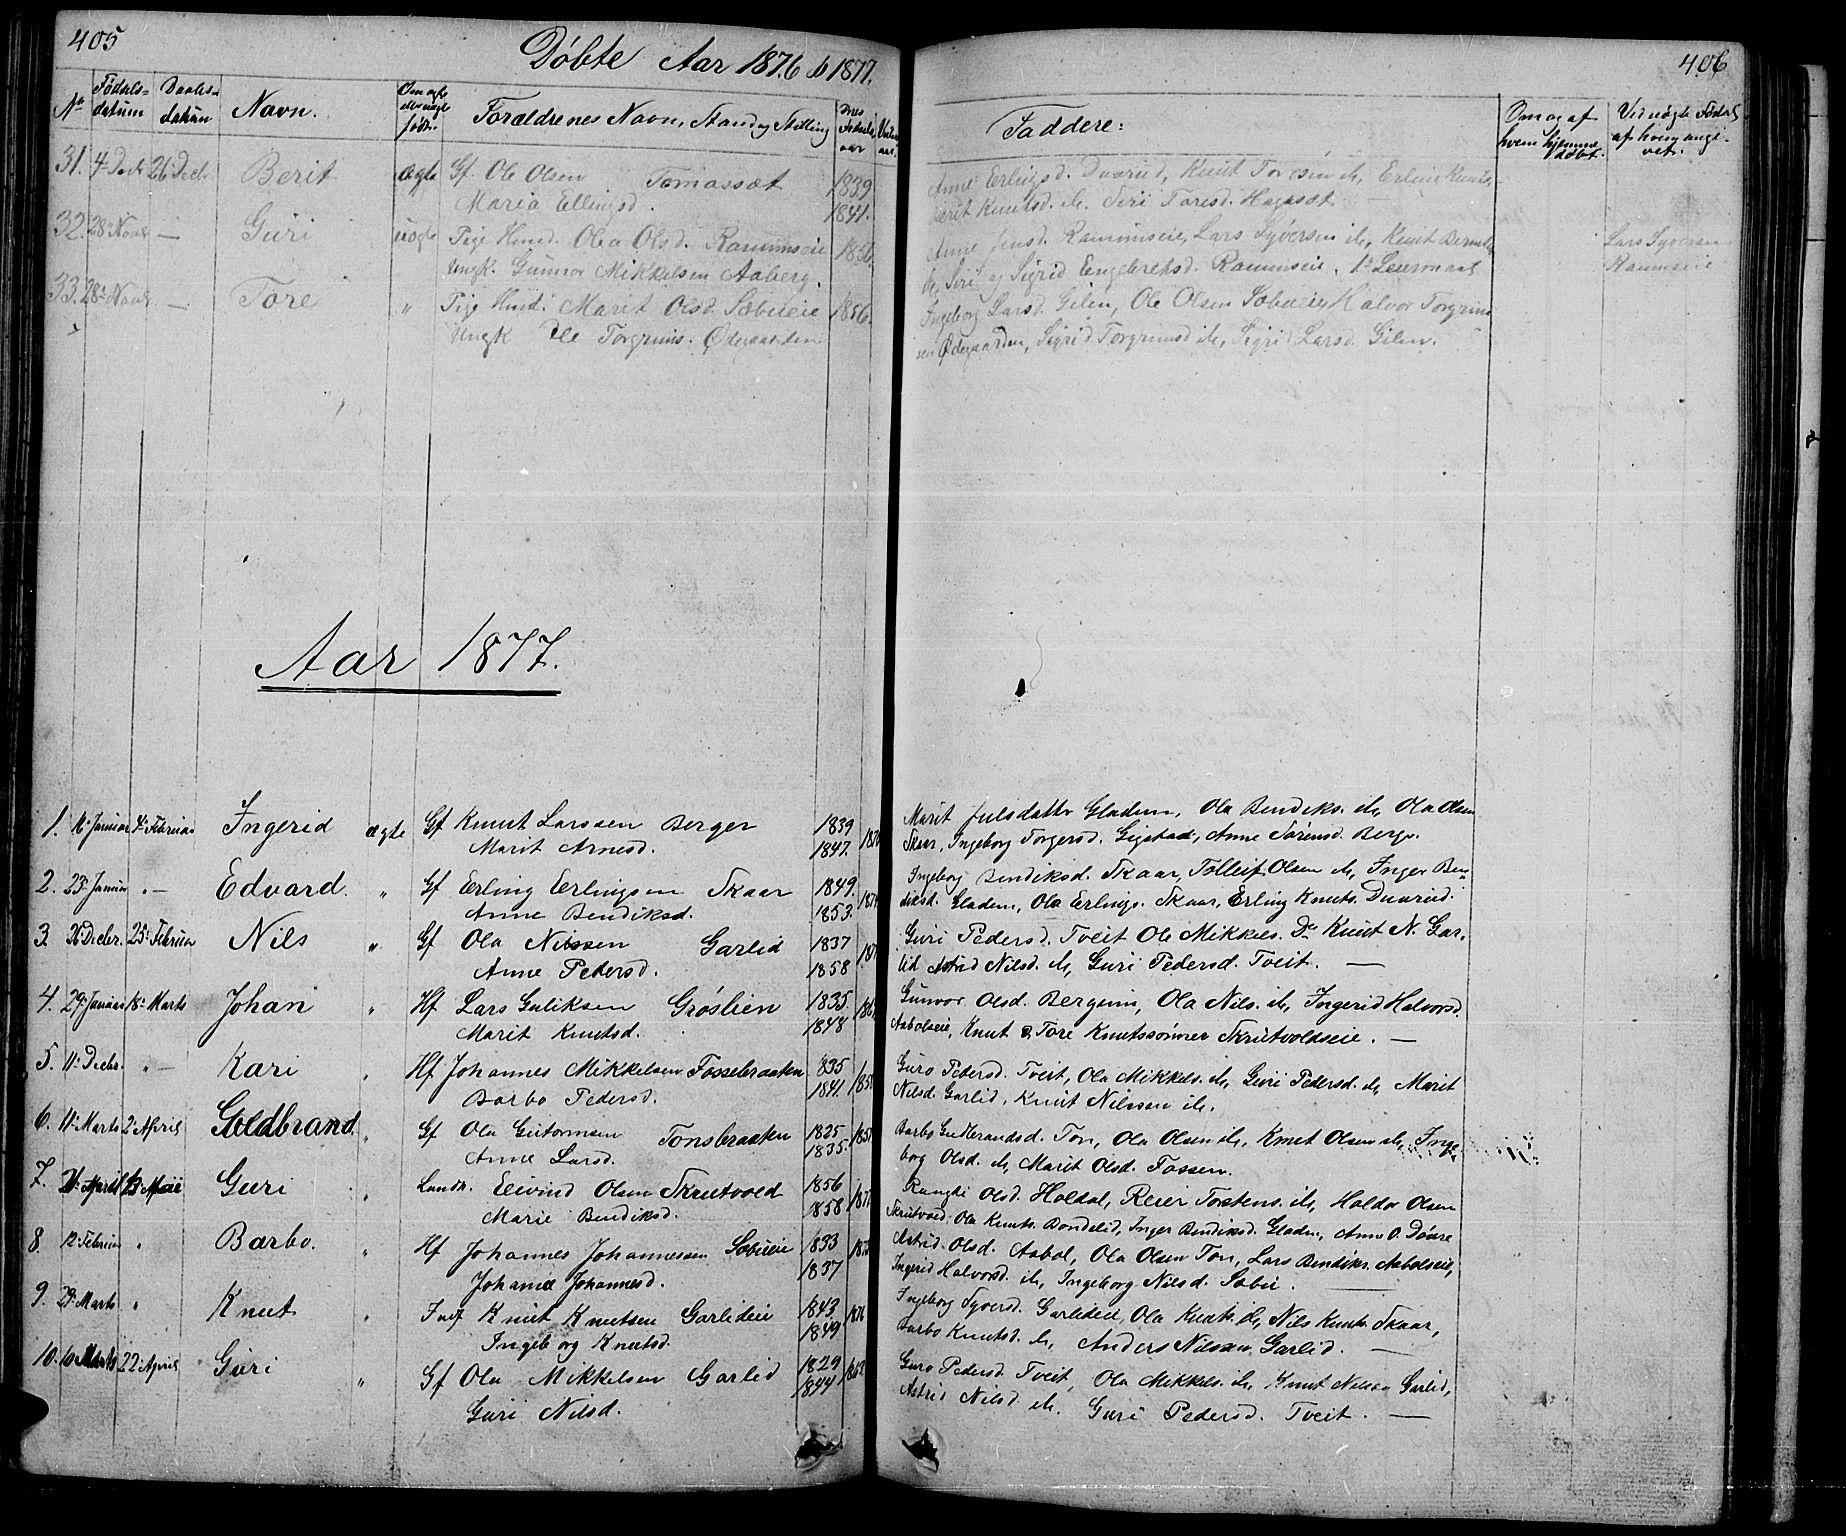 SAH, Nord-Aurdal prestekontor, Klokkerbok nr. 1, 1834-1887, s. 405-406